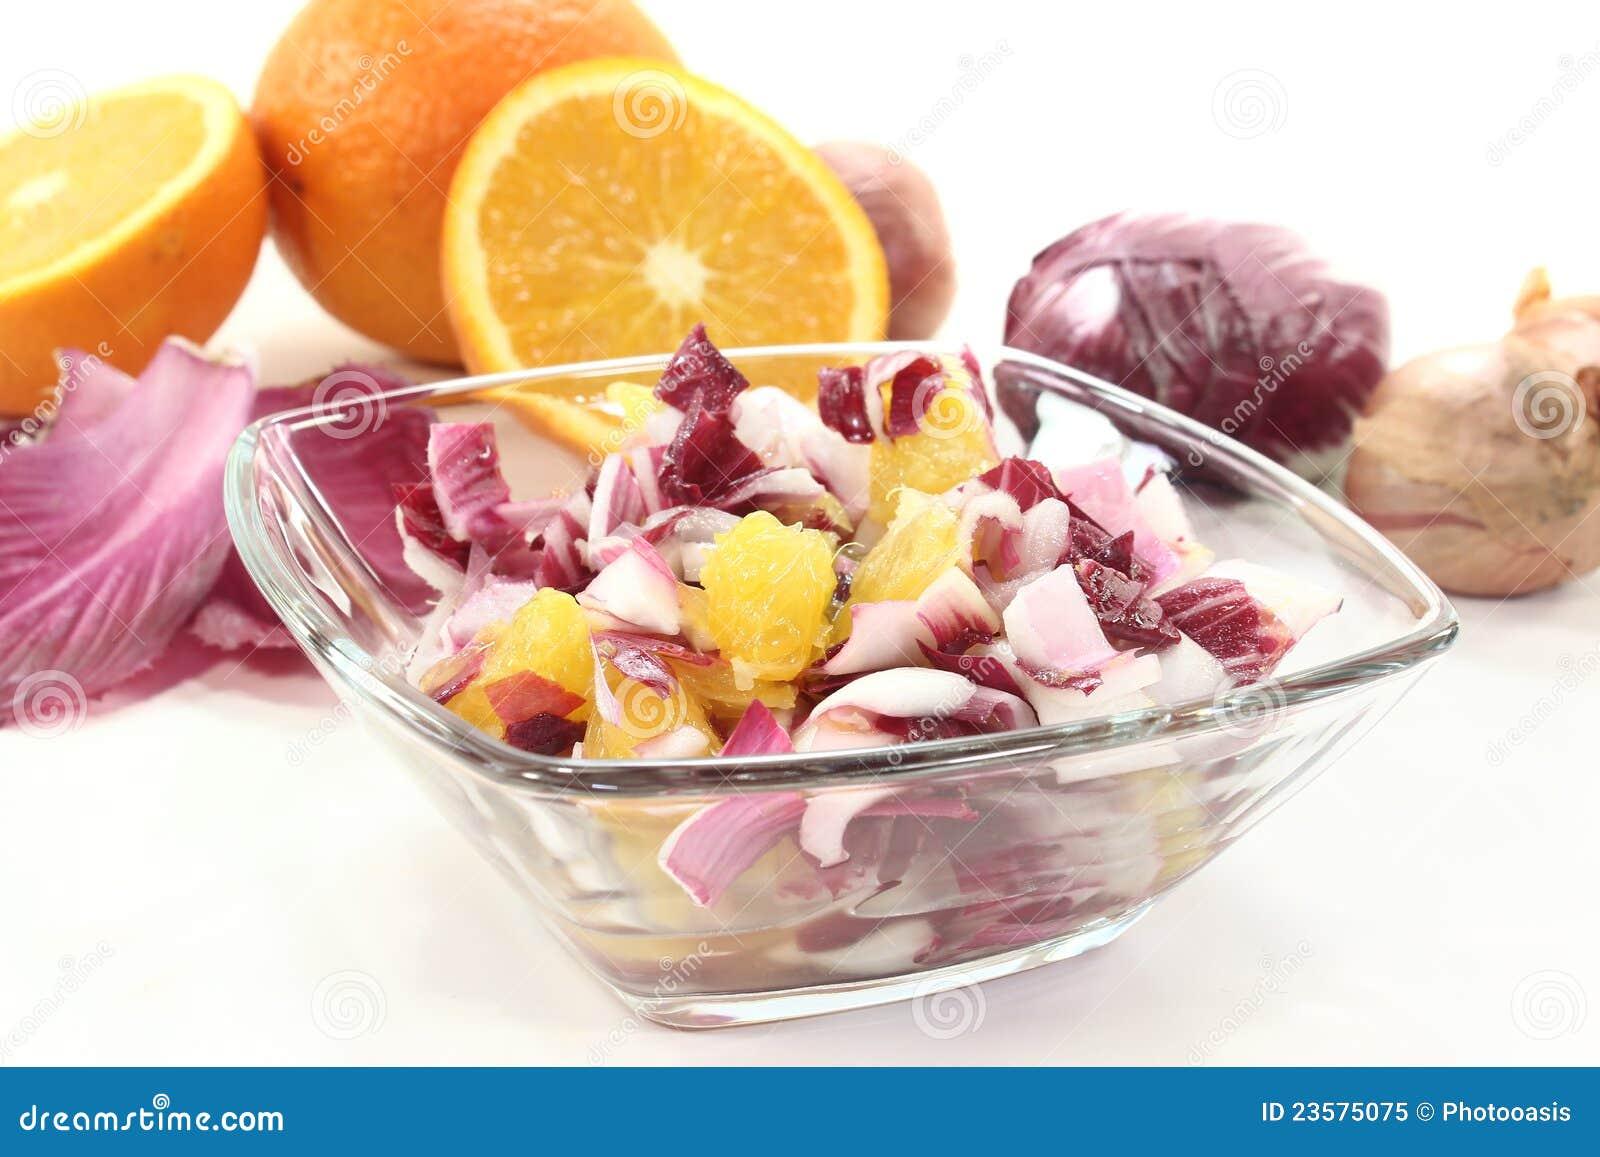 De salade van het witlof stock afbeelding afbeelding for Vers des salades